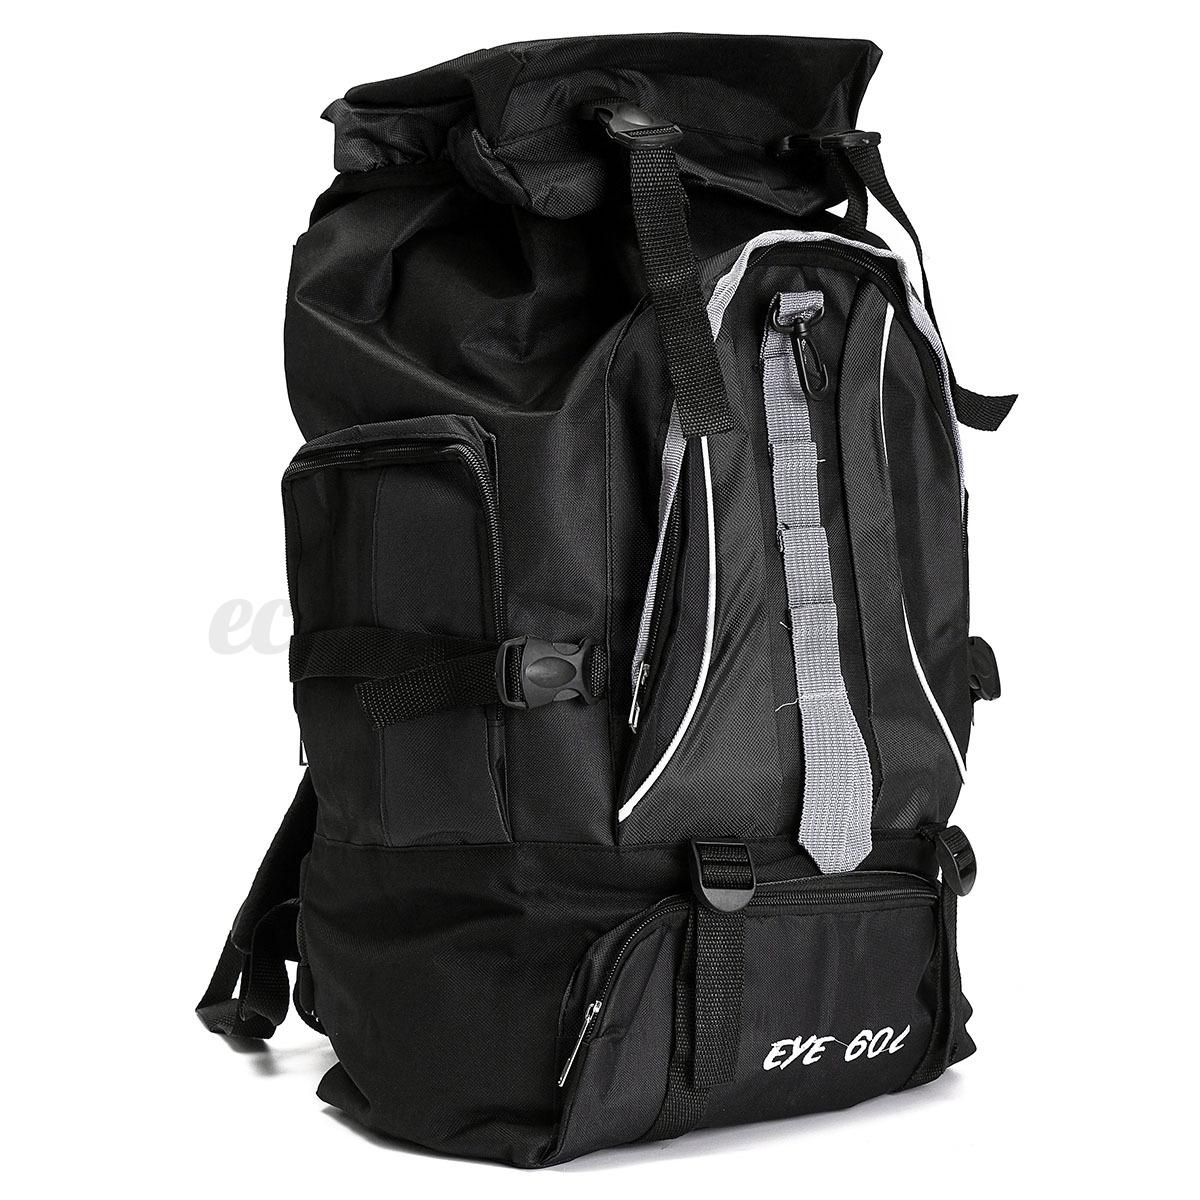 60L Waterproof Rucksack Backpack Outdoor Camping Hiking Trekking ...